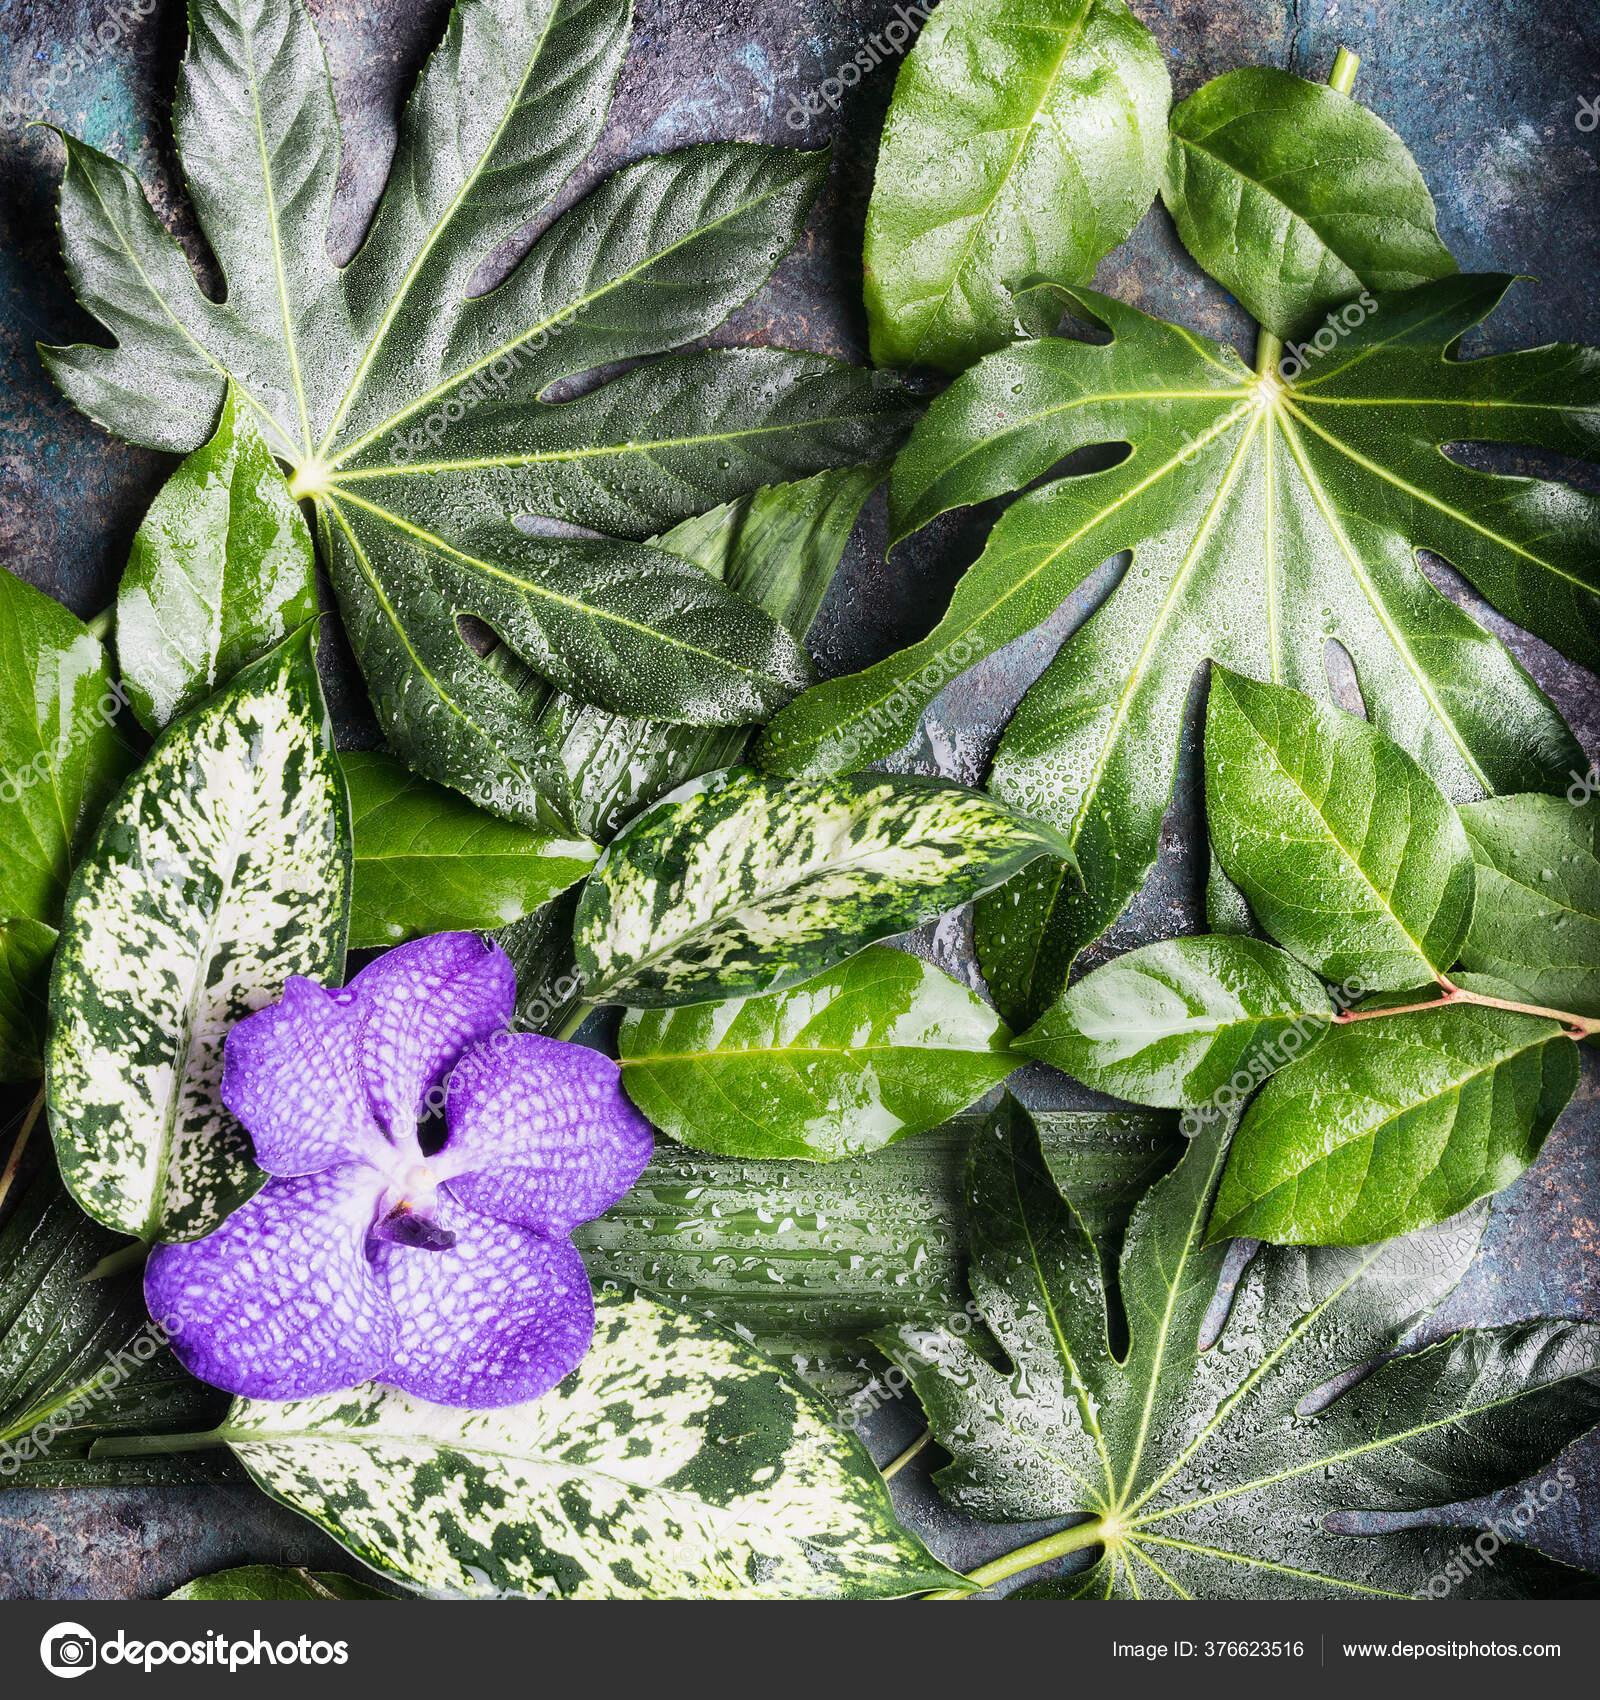 Bunga Anggrek Ungu Dan Berbagai Daun Tropis Basah Alam Latar Stok Foto C Vfotografie 376623516